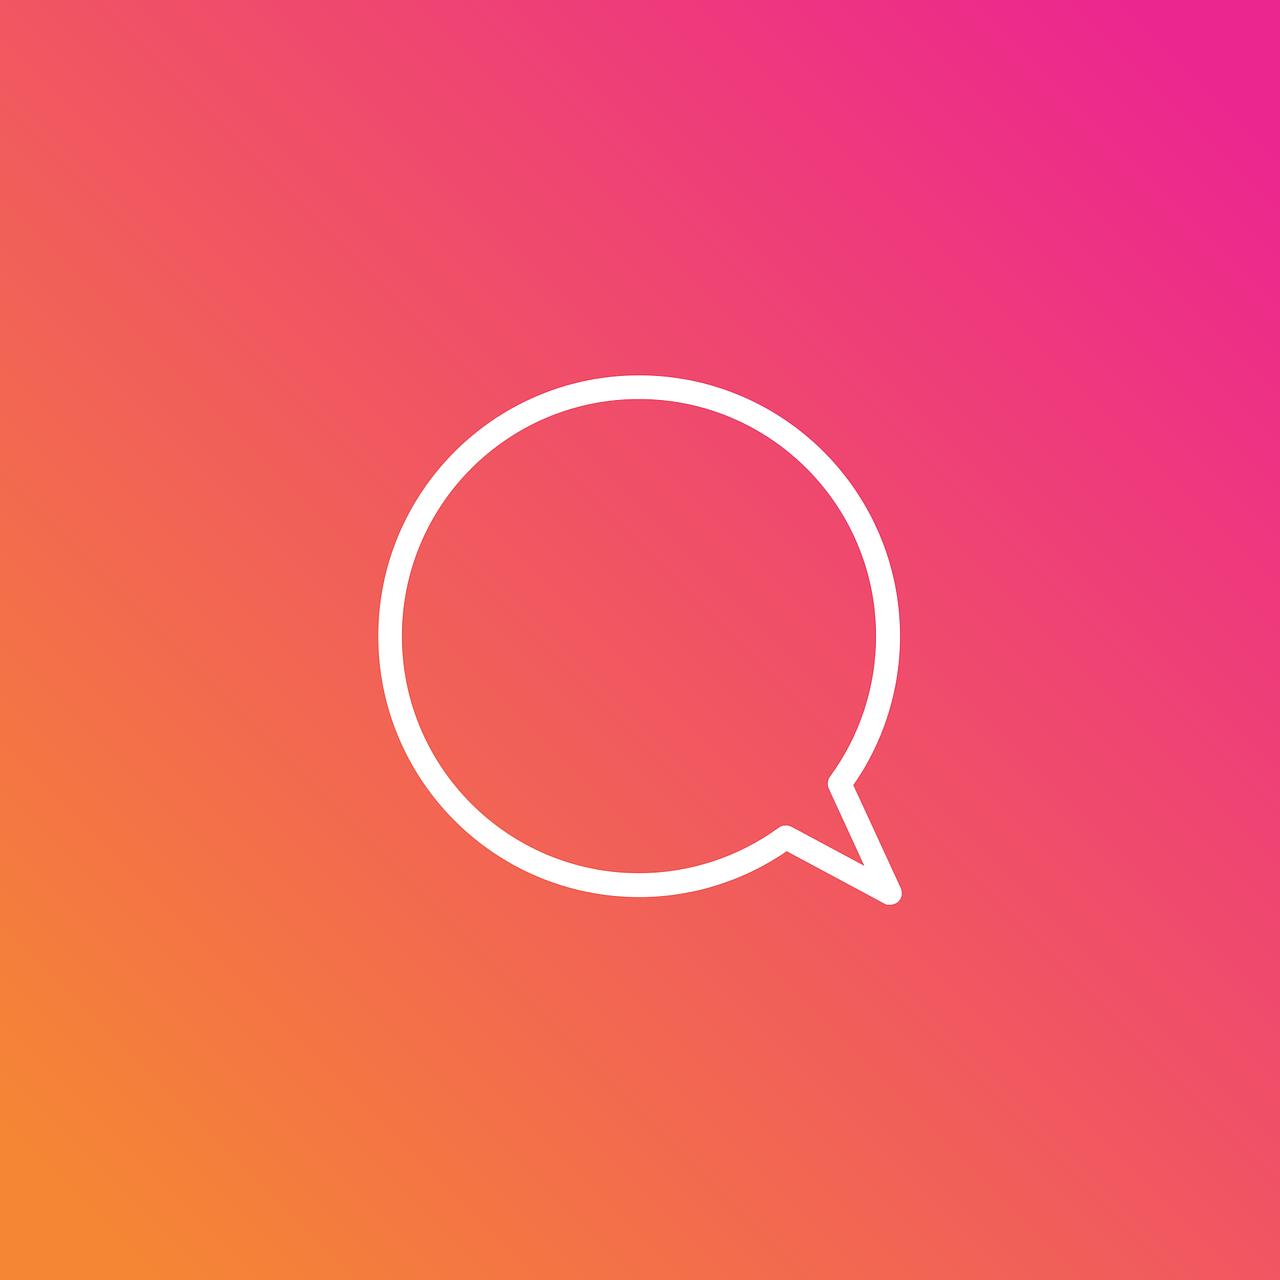 Comentar post por mensagem direta no Instagram